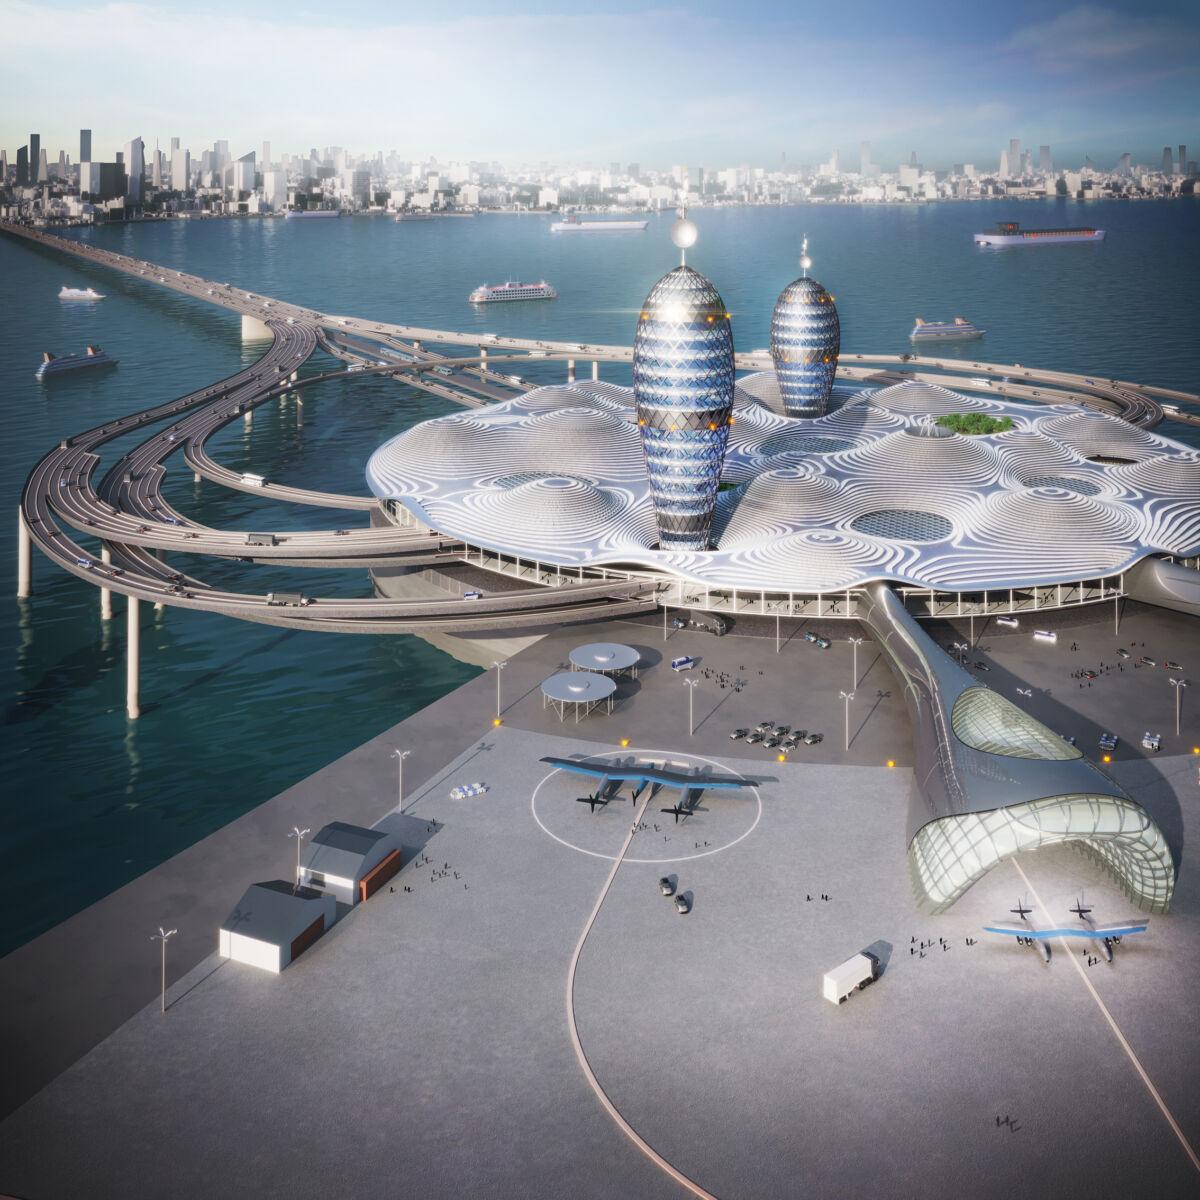 شاهد بالصور.. ميناء فضائي مستقبلي، بأربعة طوابق، ويطفو بالقرب من خليج طوكيو